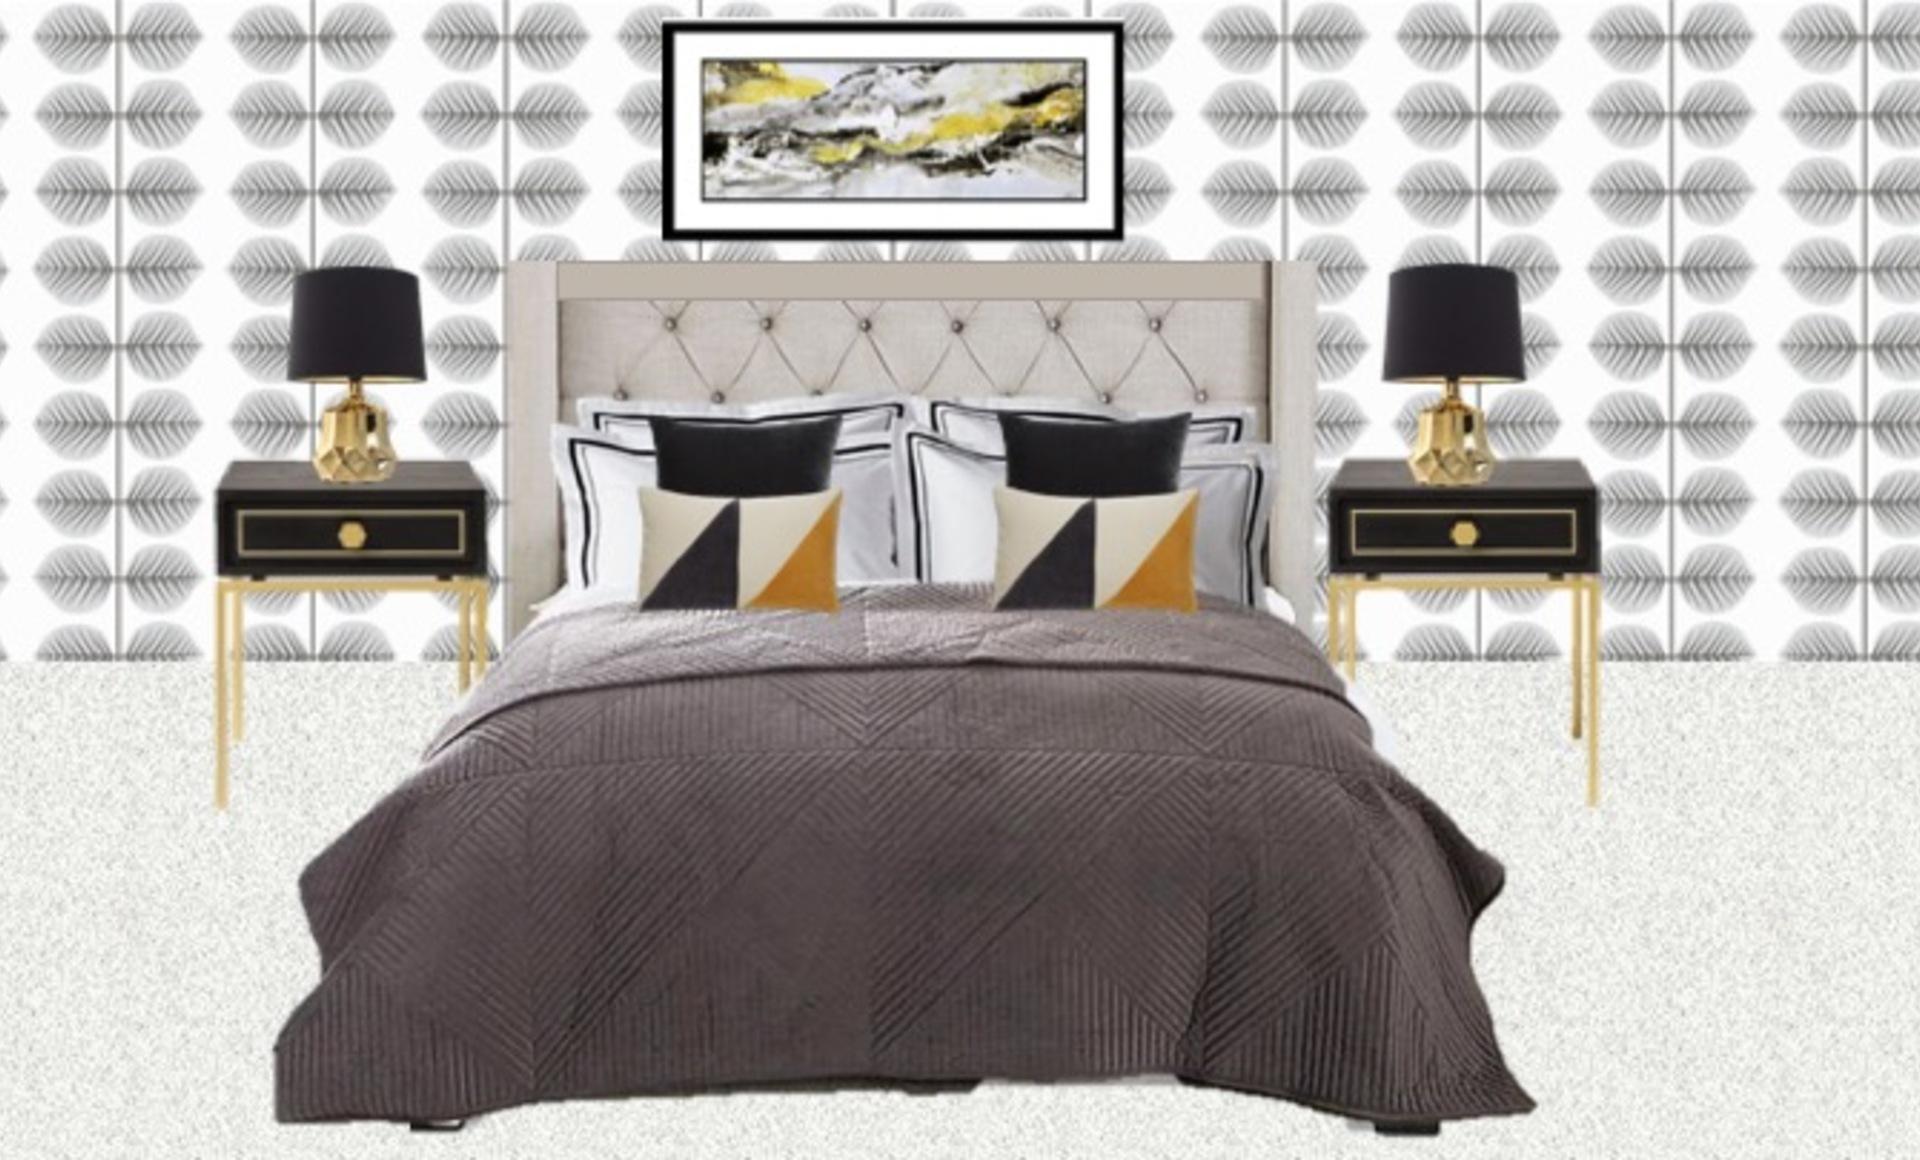 Mbr carolhanda guestbedroom02 2delevation01